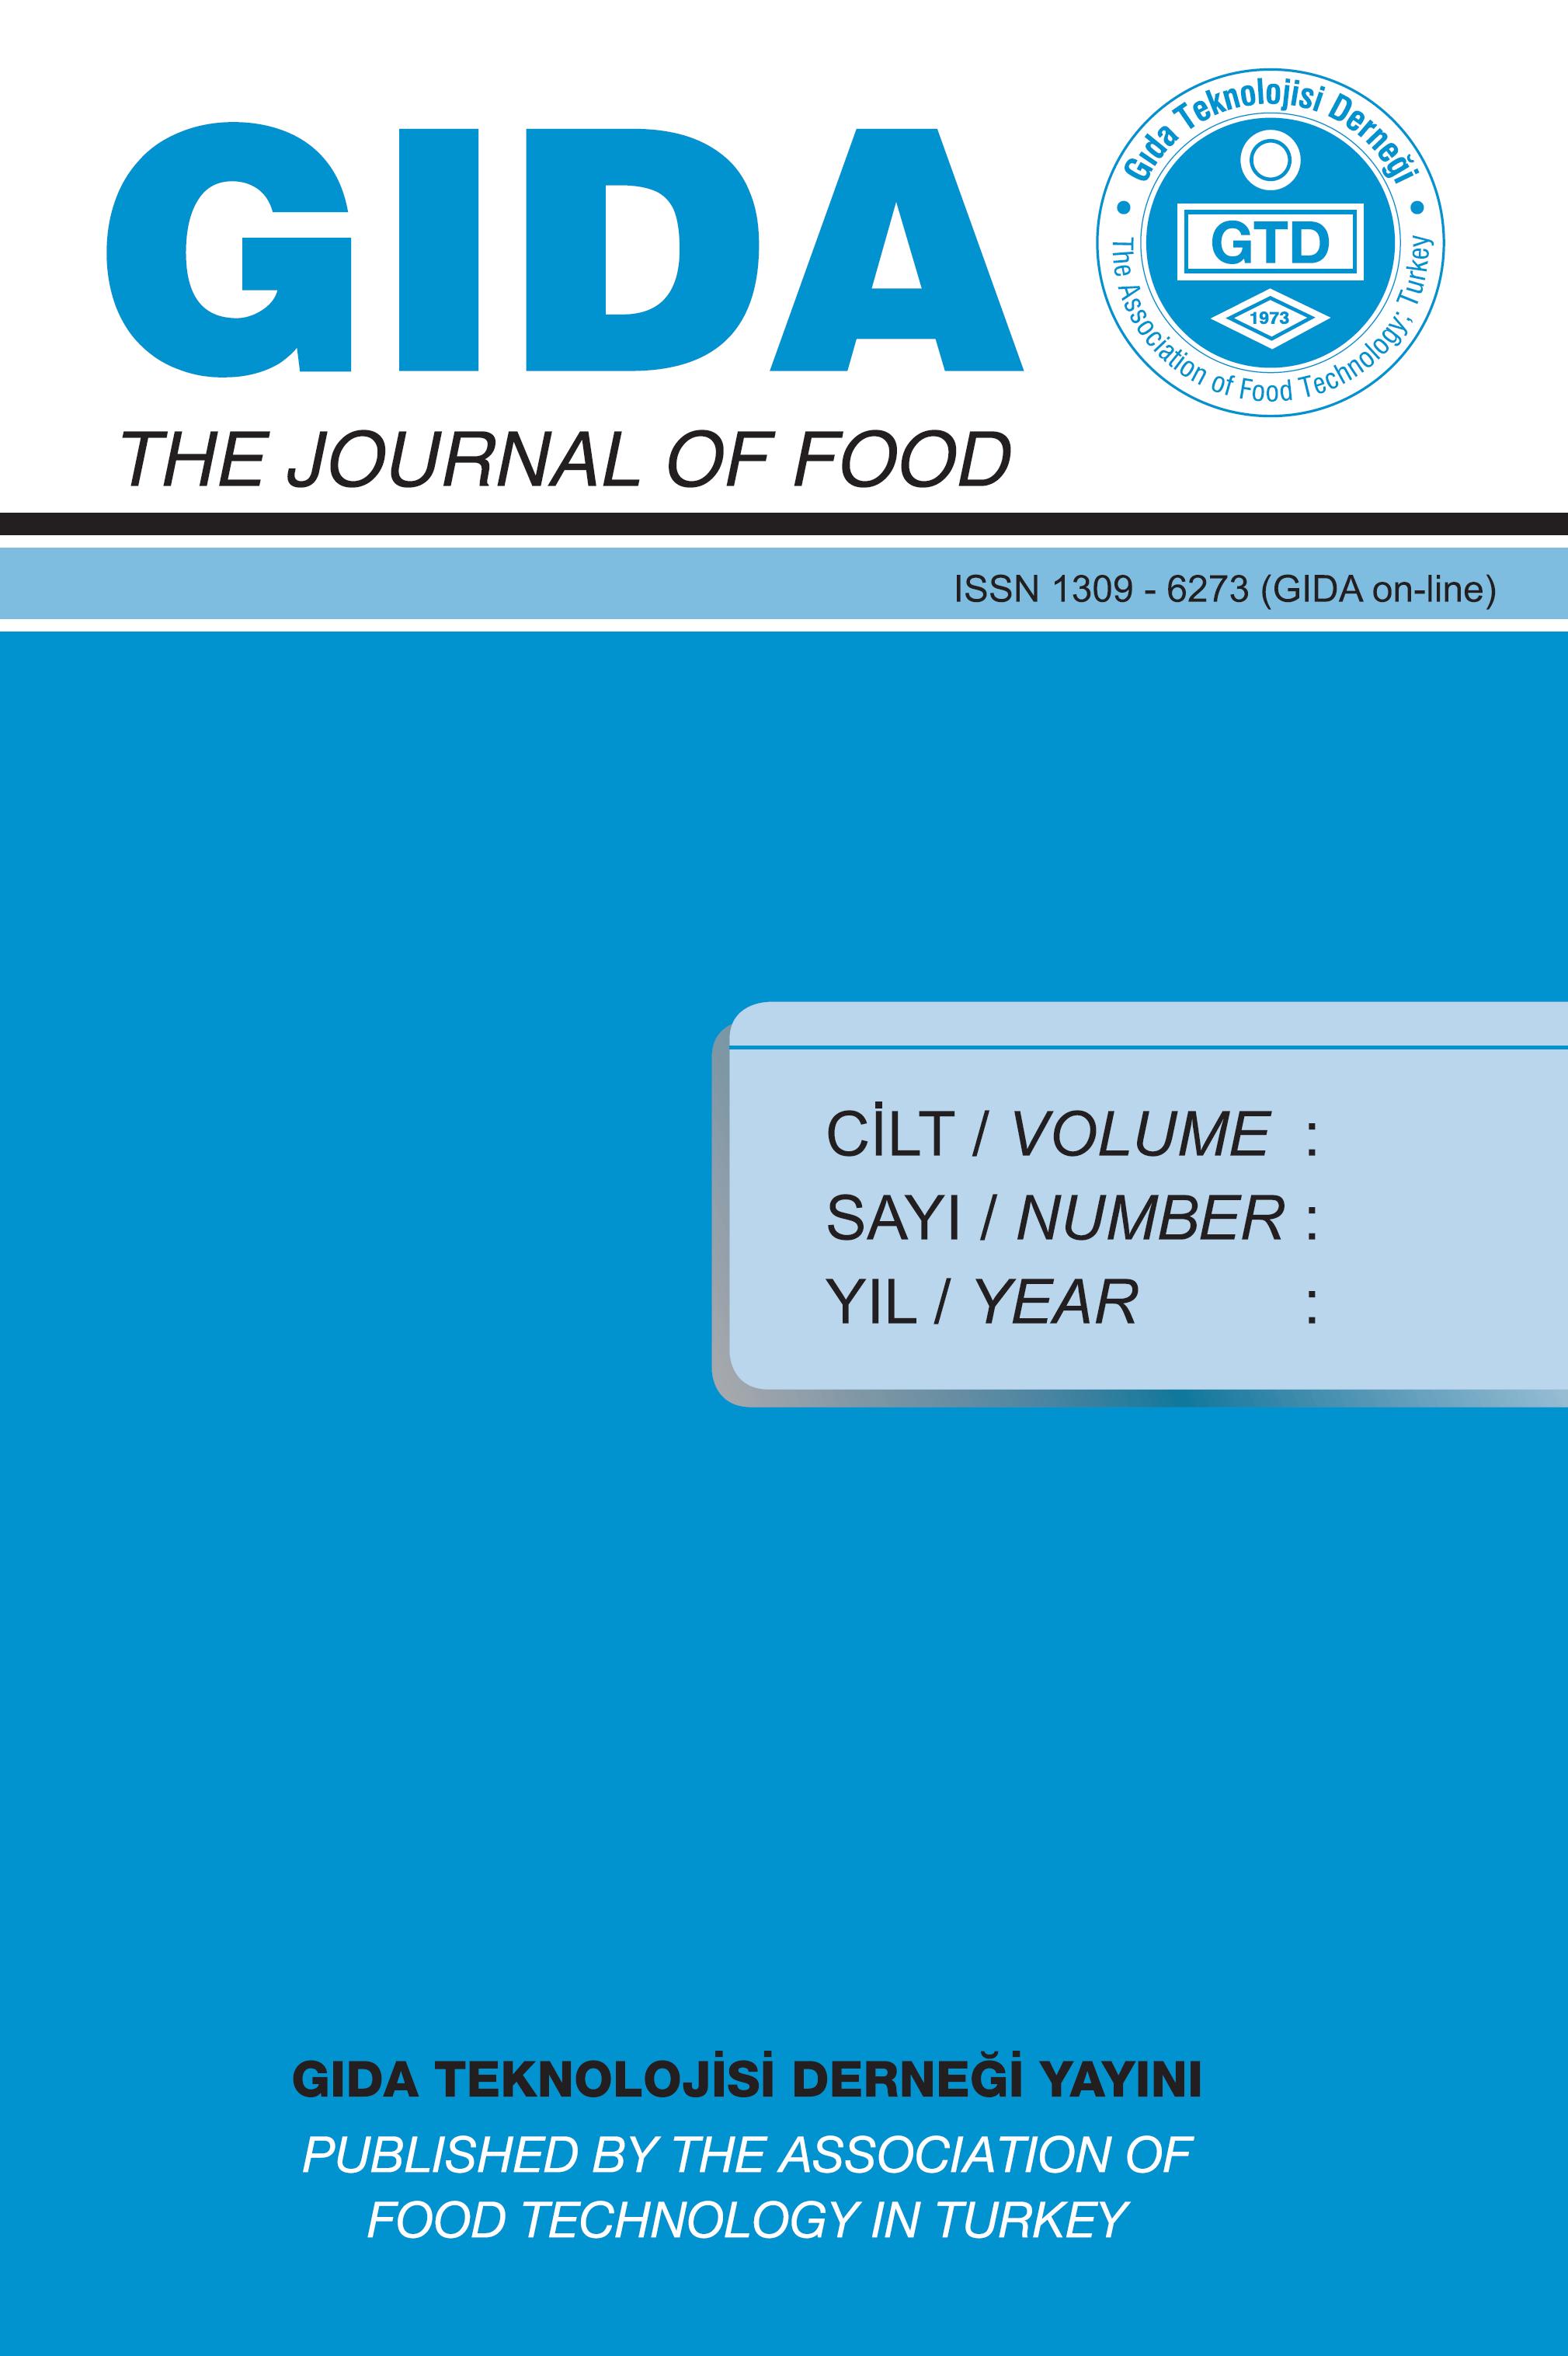 GIDA / THE JOURNAL OF FOOD